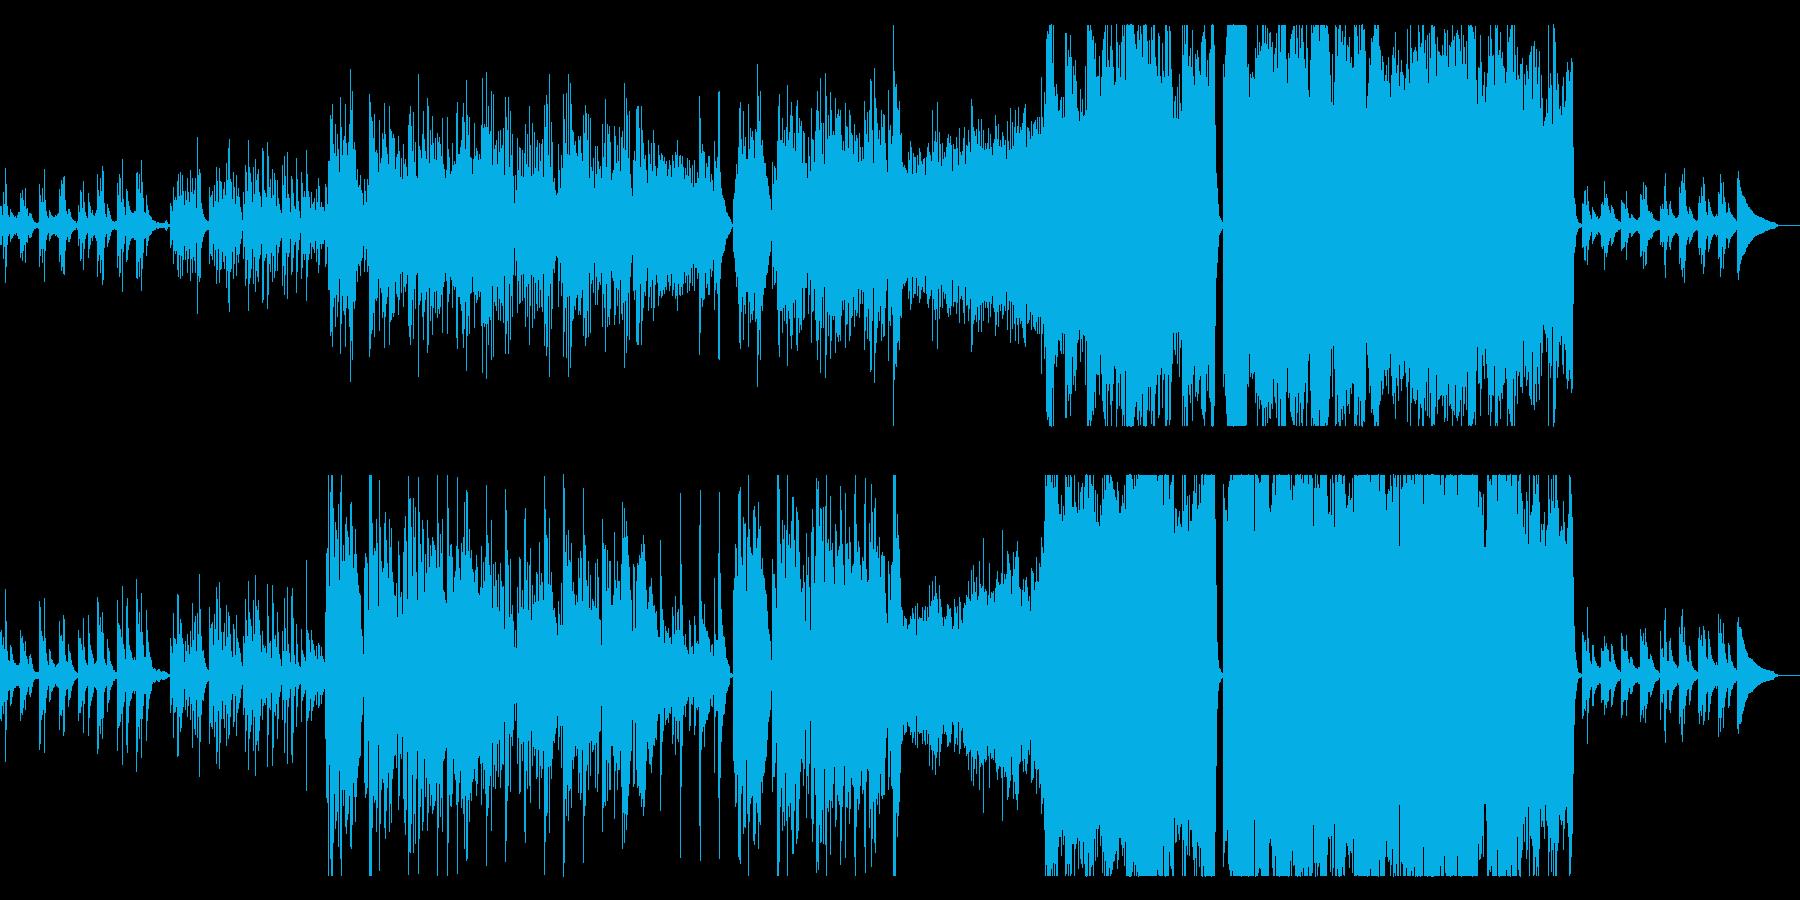 悲しく切ない、壮大なオーケストラ曲の再生済みの波形